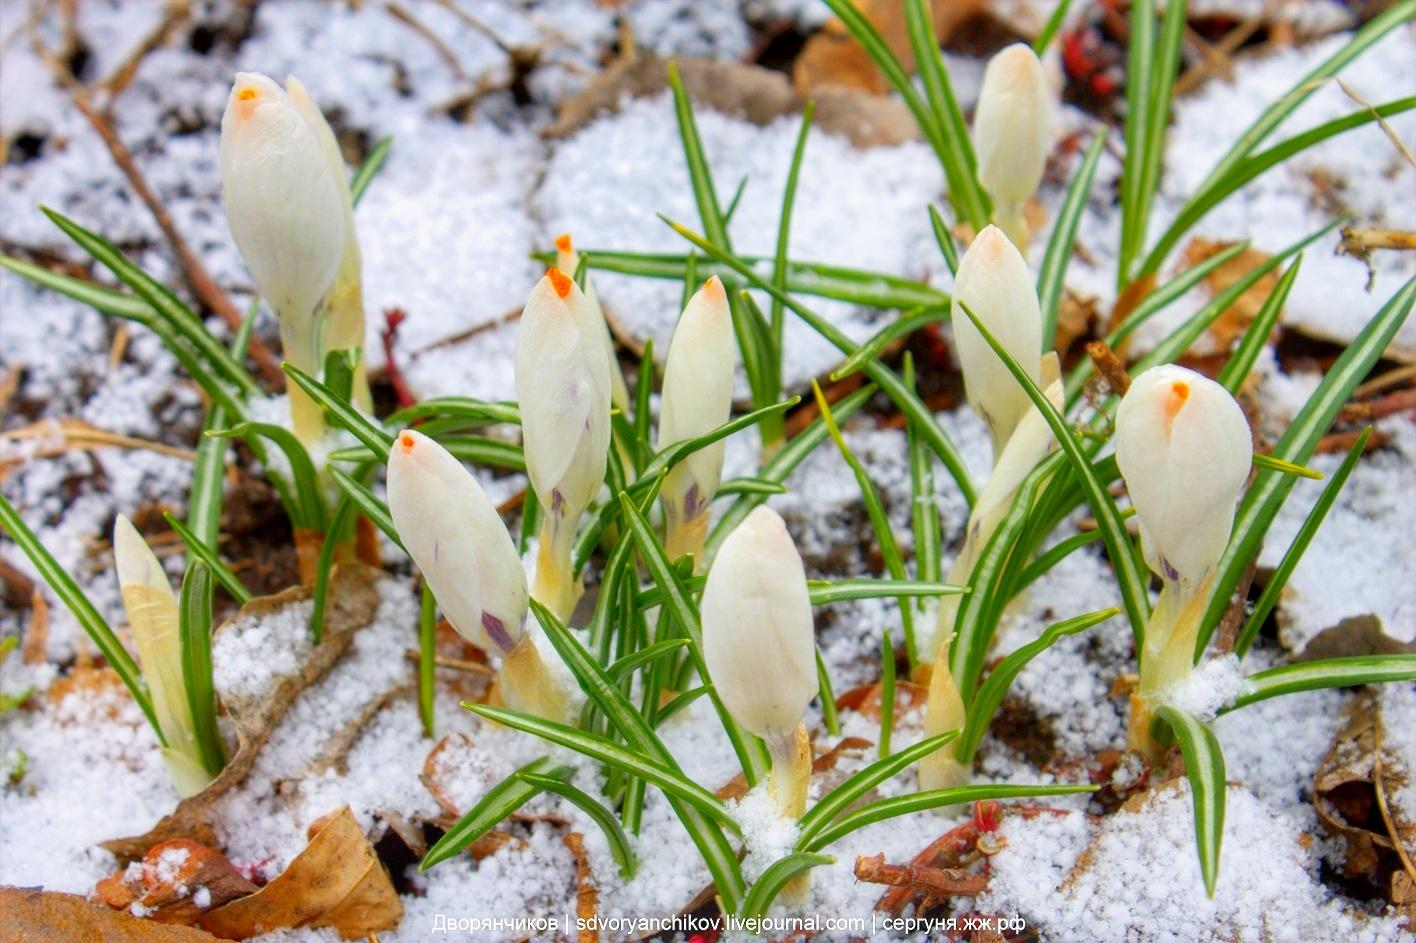 Крокусы в снегу. 30 марта 2017. Фоткал в парке ВГС, Волжский